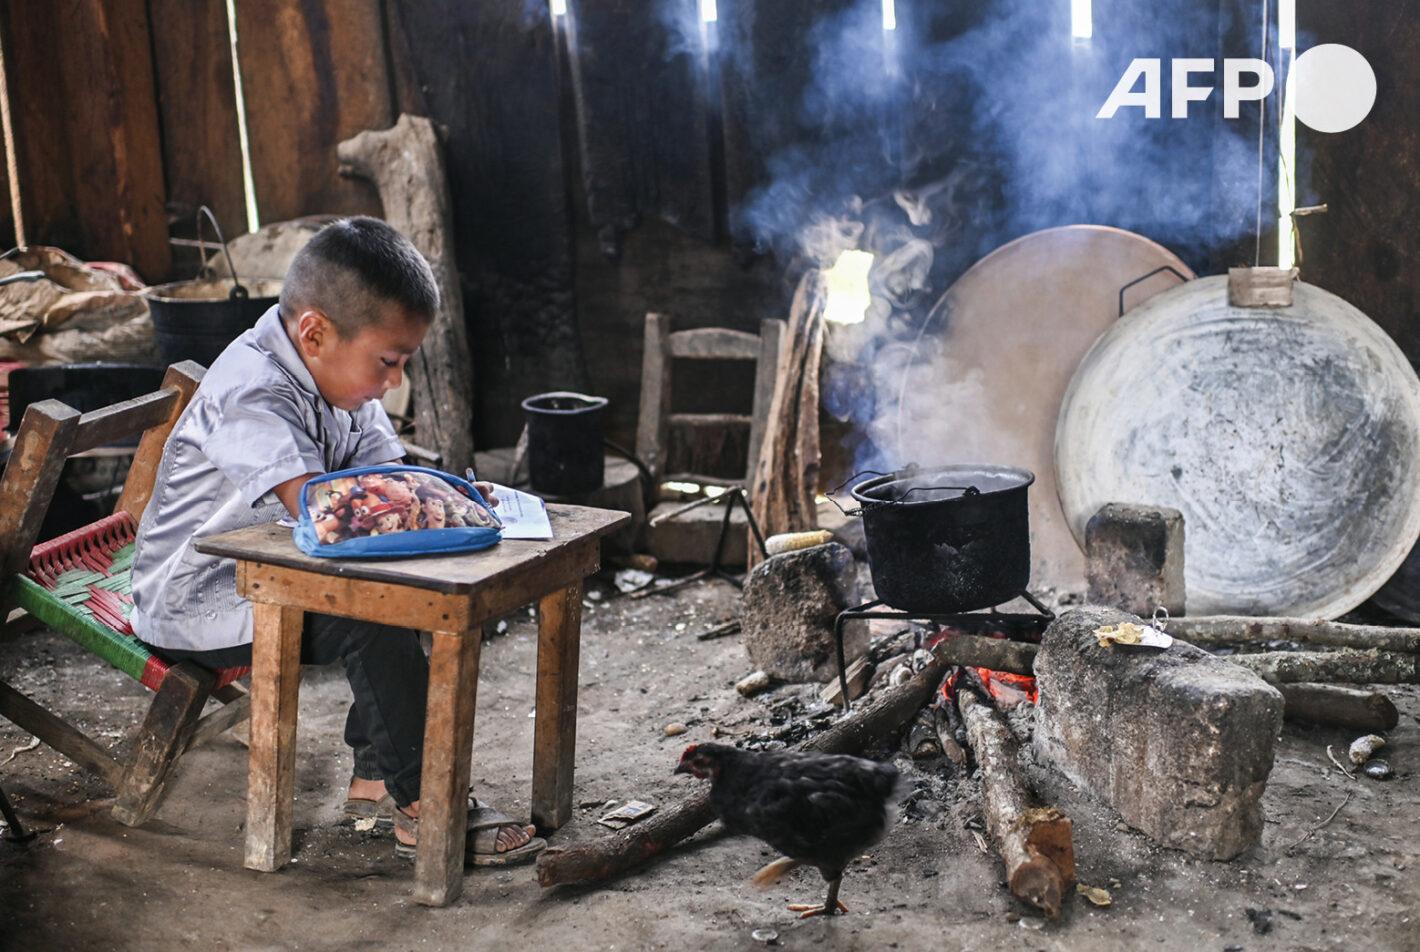 AFP 20 | Pedro PARDO 8 septembre 2020 – San Miguel Amoltepec Viejo, Mexique